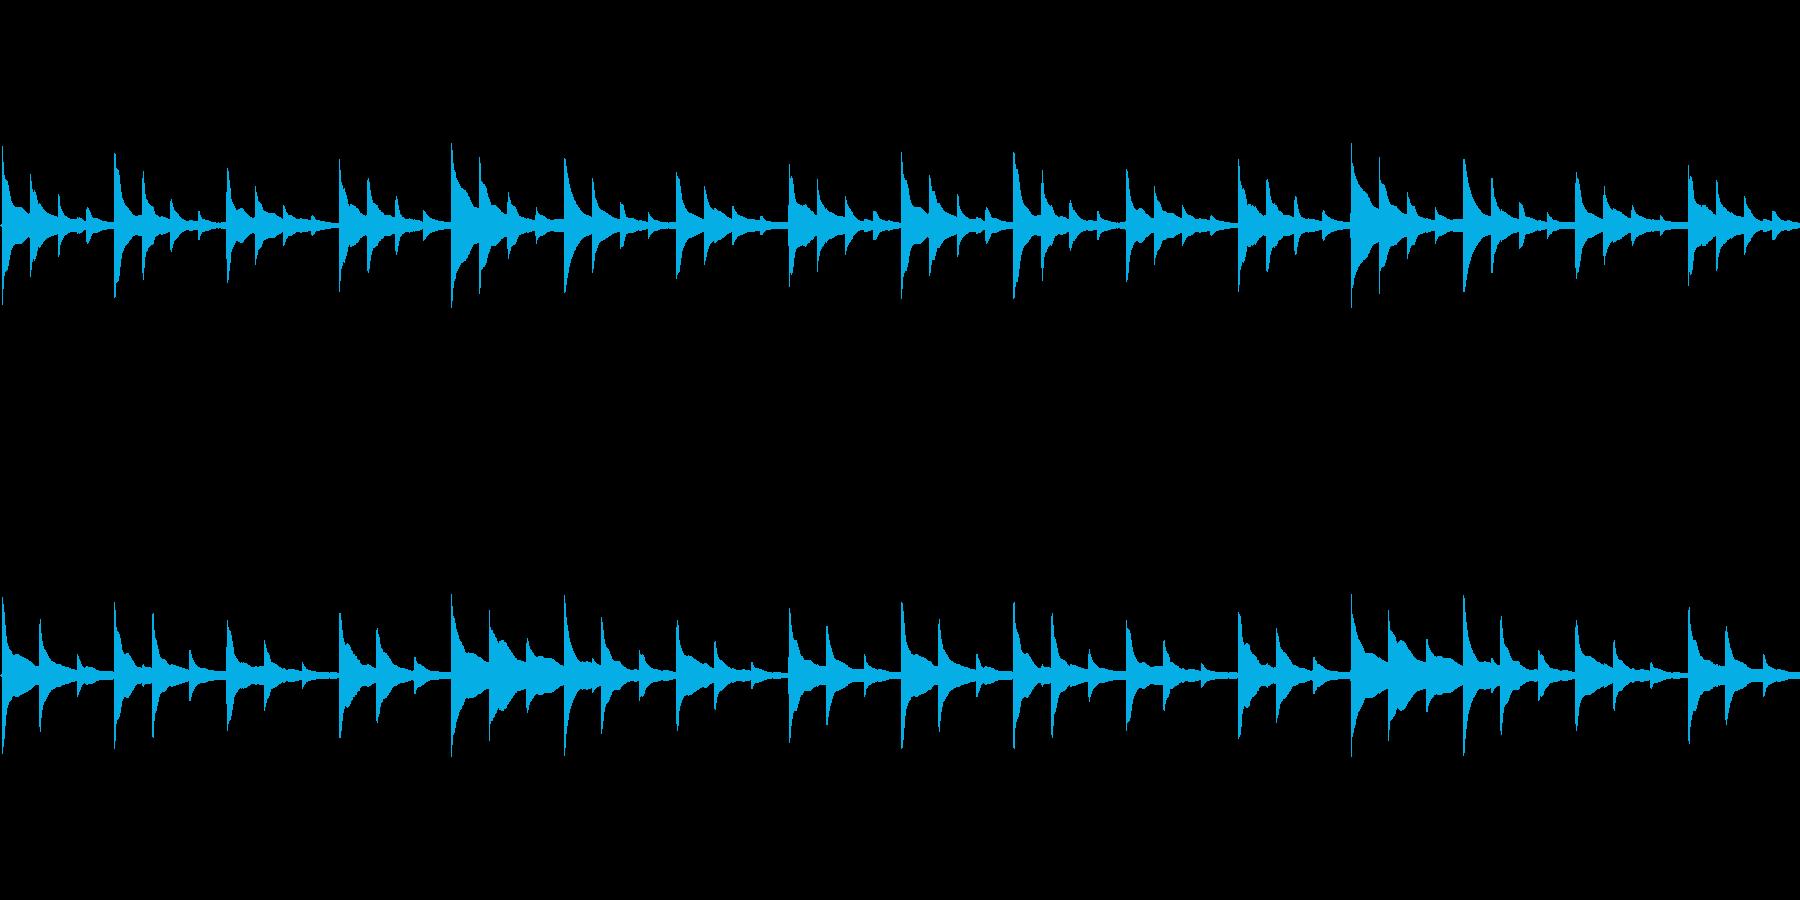 【和風/琴/アンビエント】の再生済みの波形